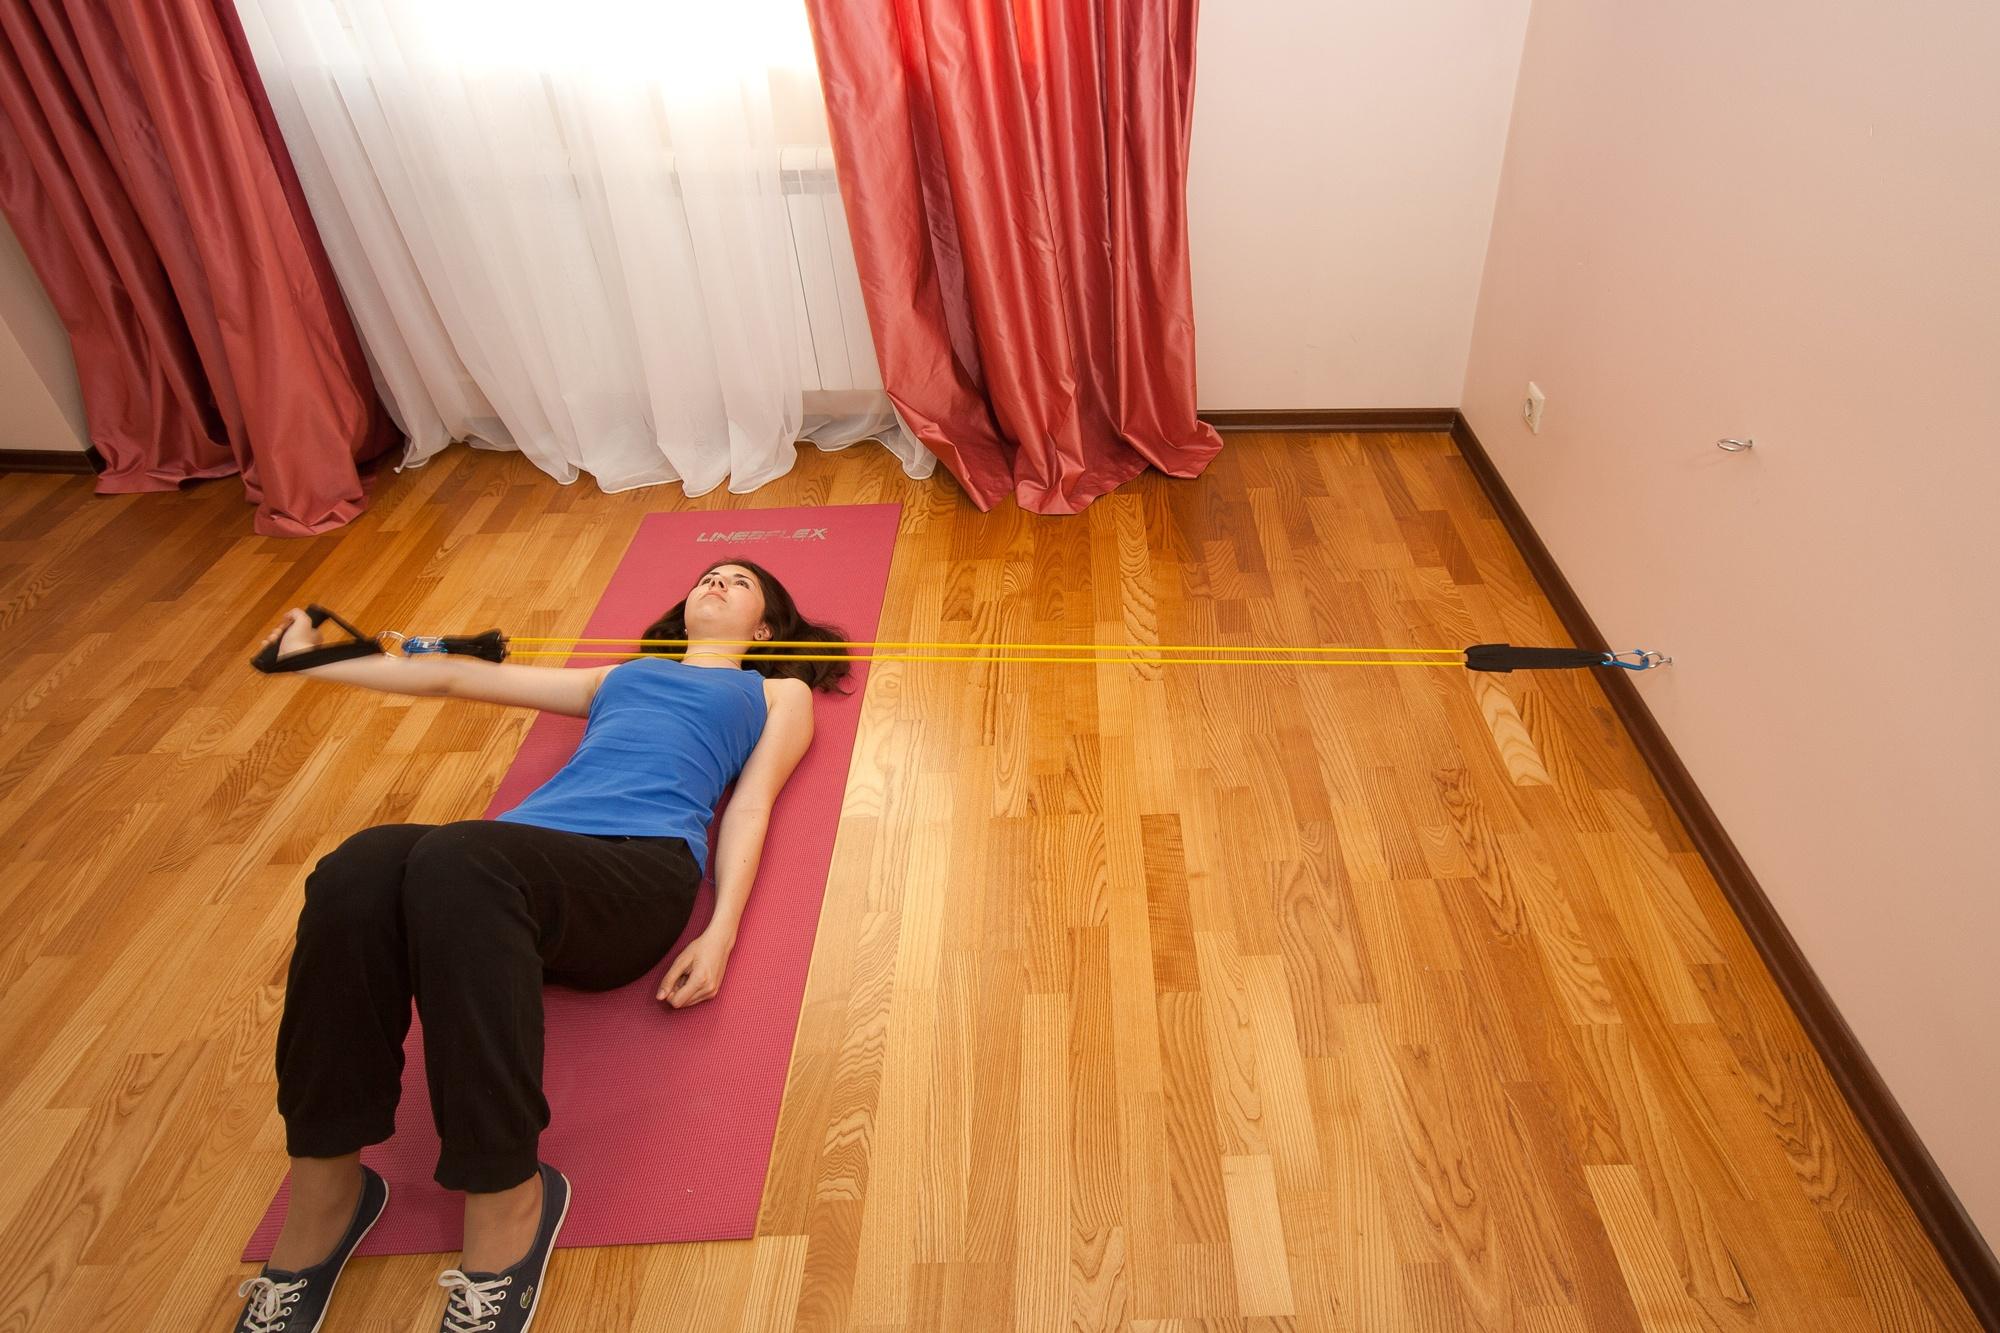 Упражнение с эспандером для мышц плеч и рук. Разведение одной руки лежа. Задние дельтовидные мышцы. Трапециевидные мышцы. Мышцы-вращатели плеча.